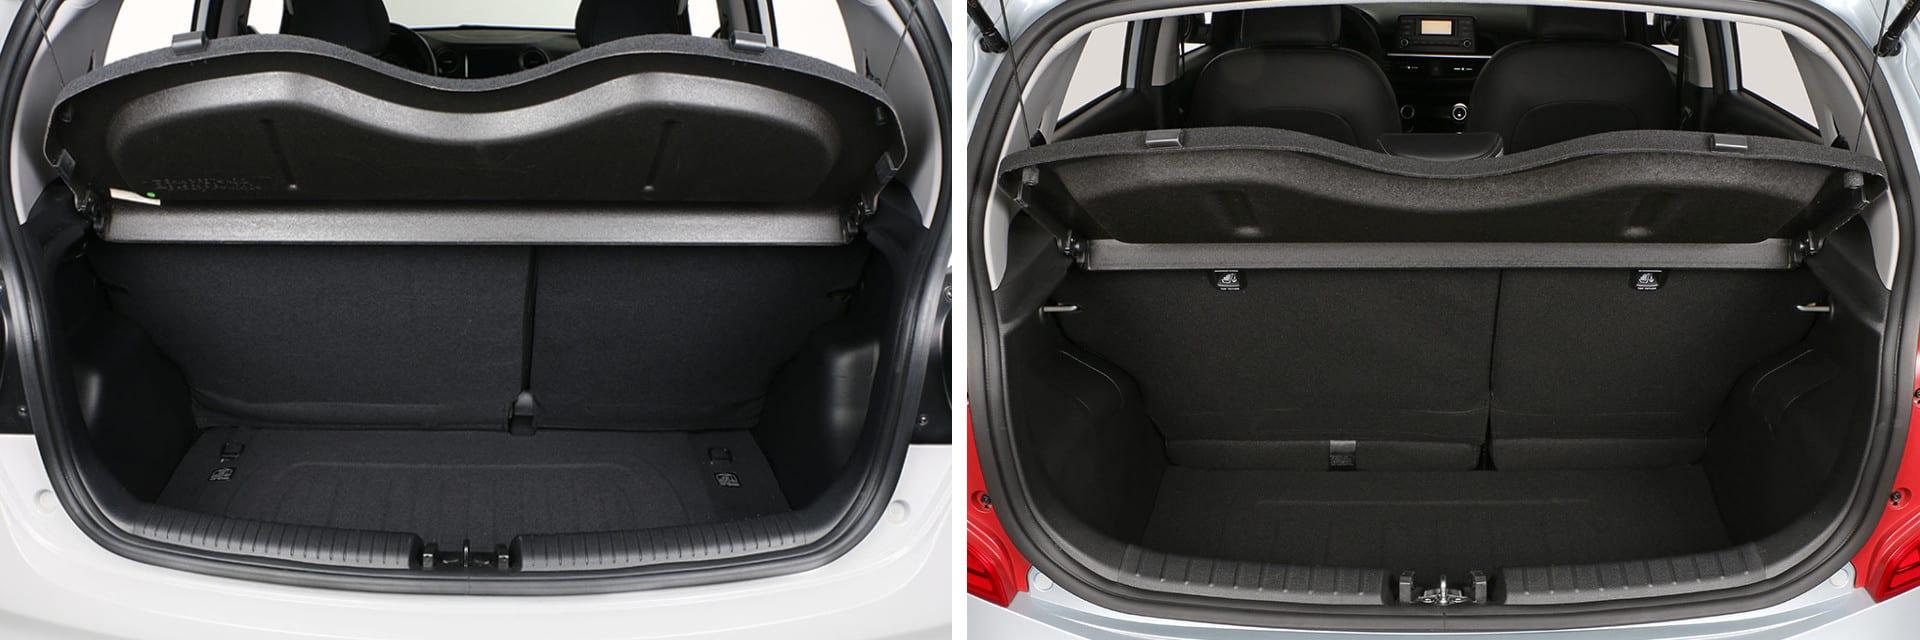 Existen pocas diferentes en cuanto a la capacidad del maletero: 252 litros en el i10 (izq.) y 255 en el Picanto (dcha.)